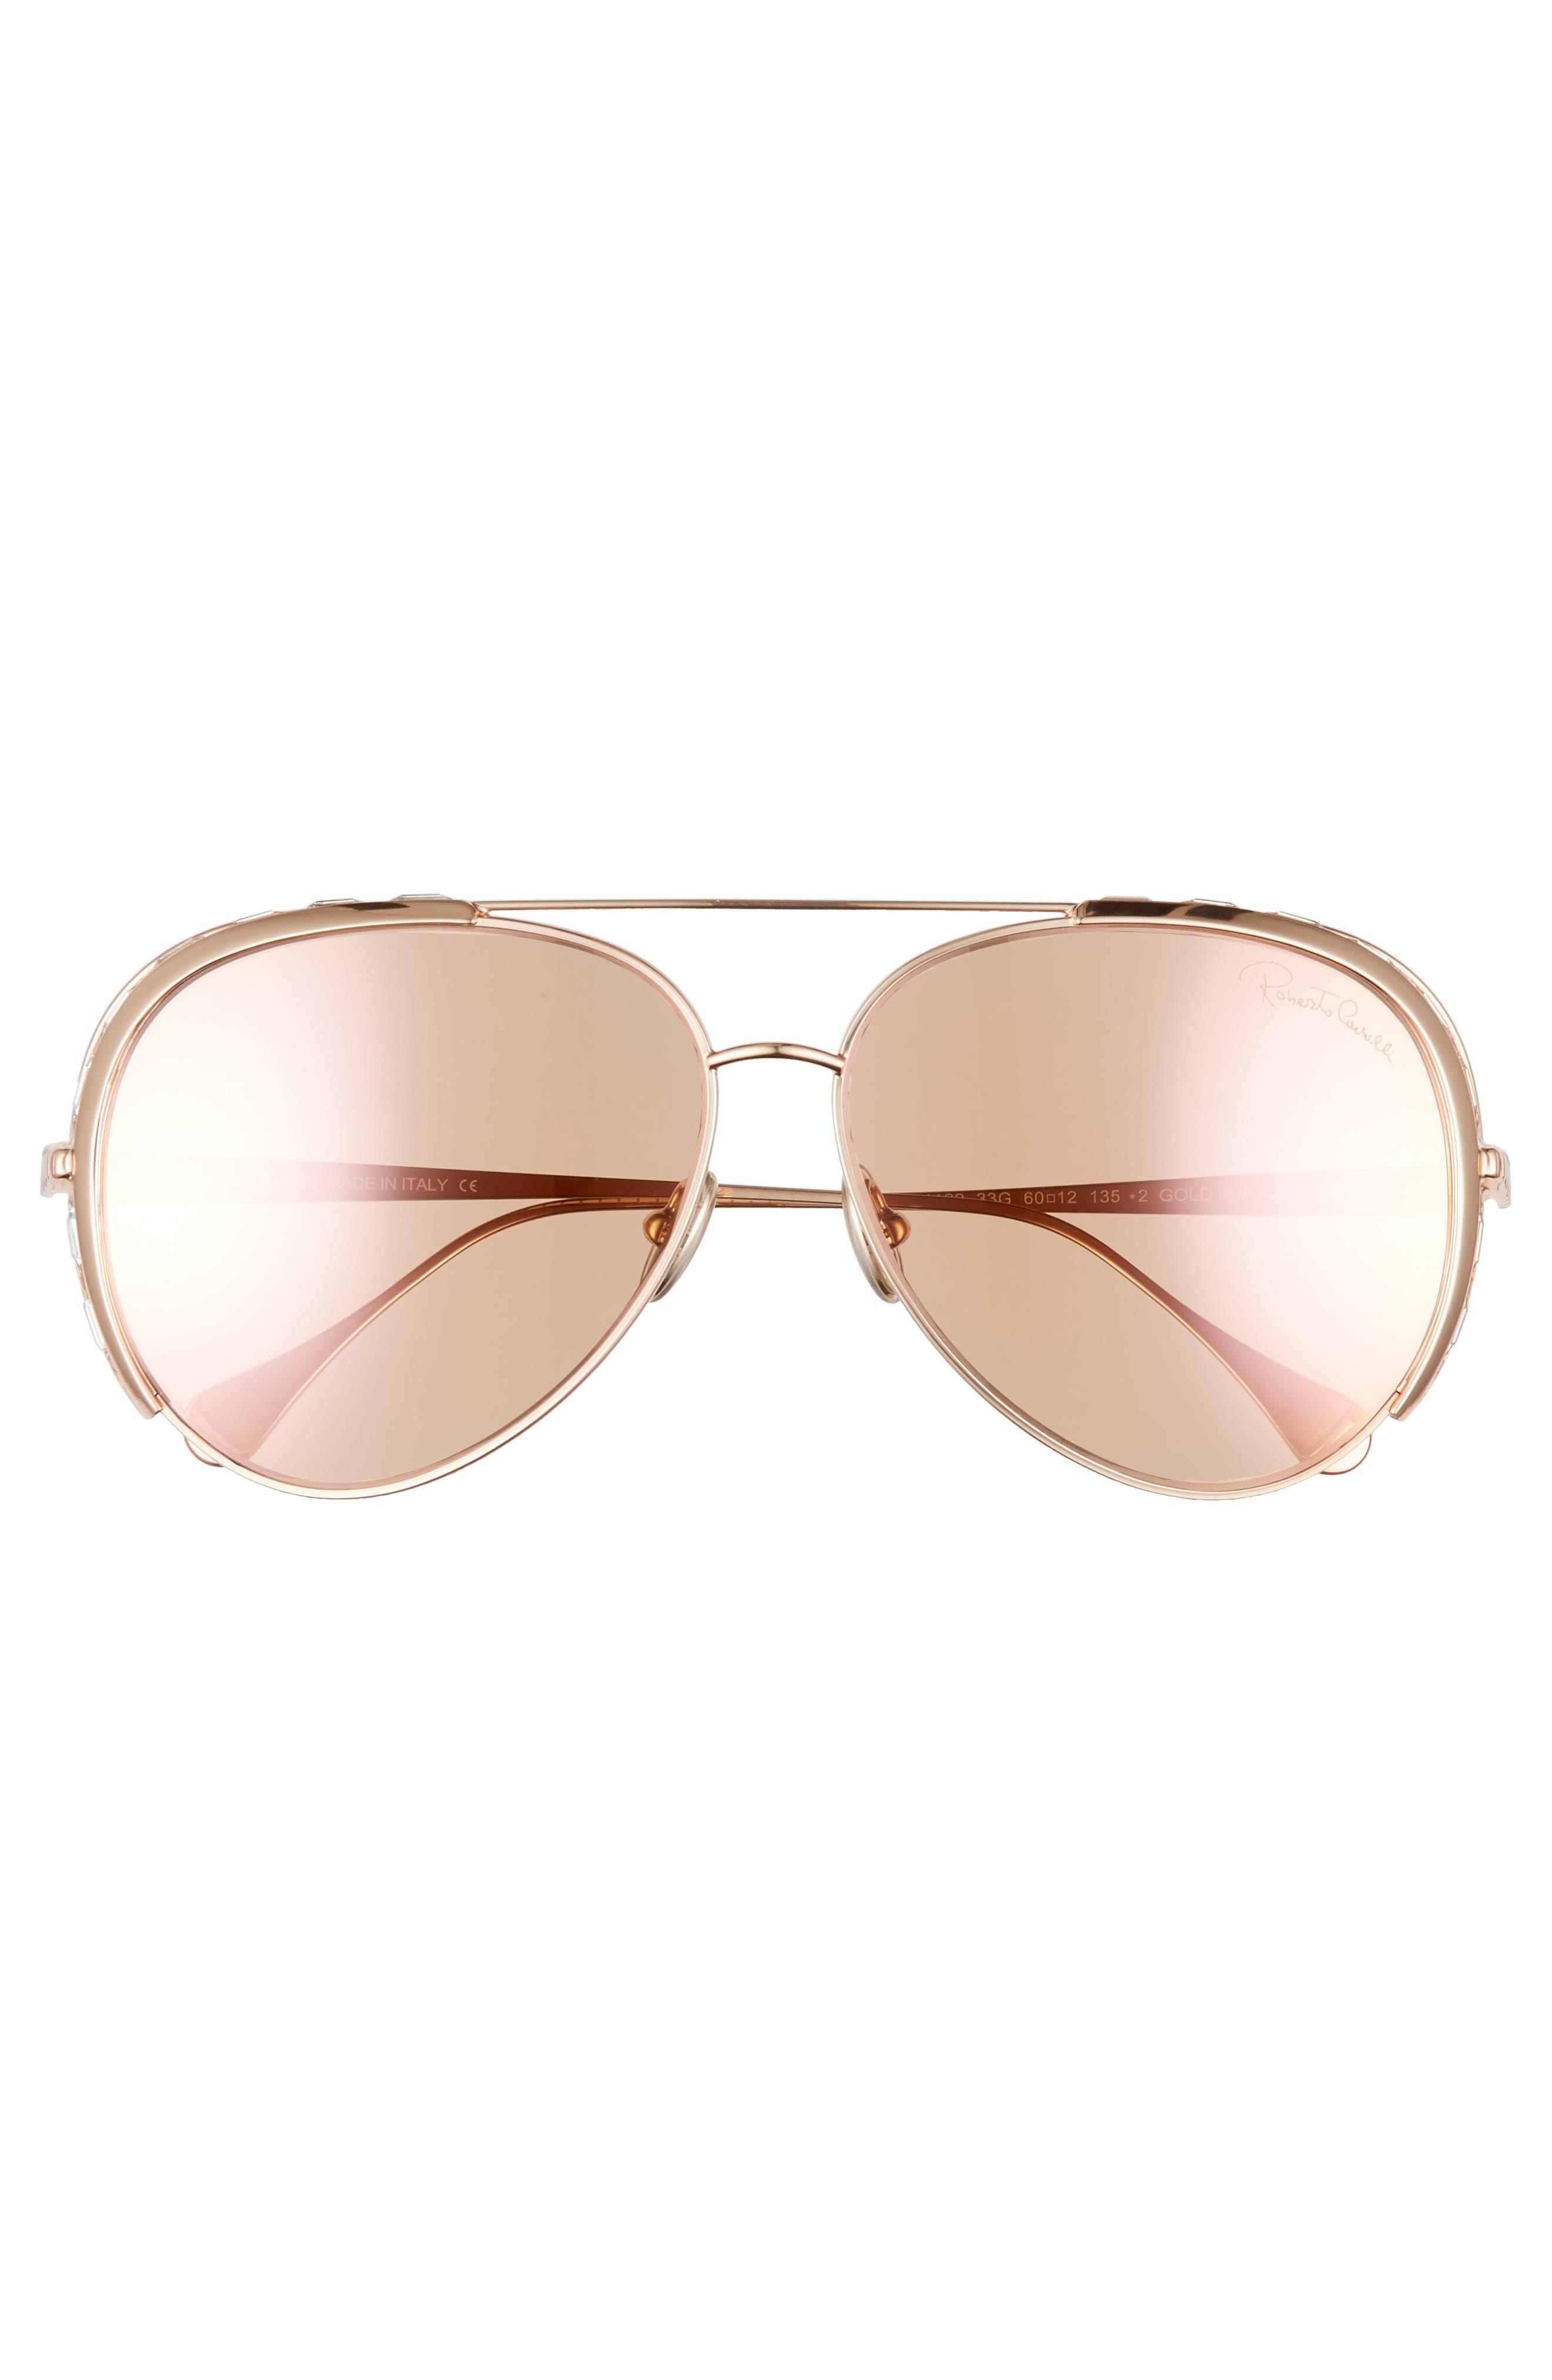 Roberto Cavalli Sunglasses 60mm Mirrored Aviator Sunglasses